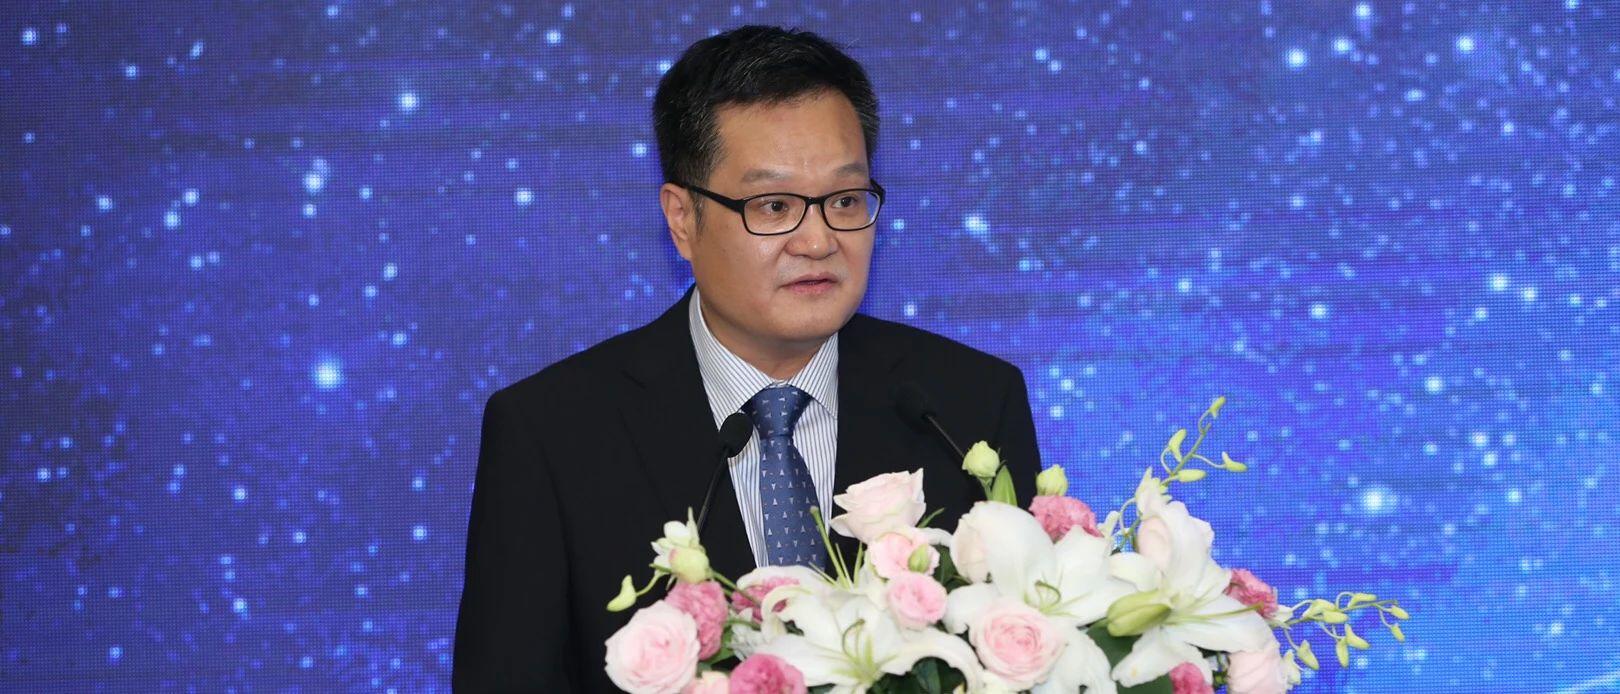 中国品牌建设论坛|《国际金融报》总编辑徐冲:我们都有壮大中国品牌的赤诚之心